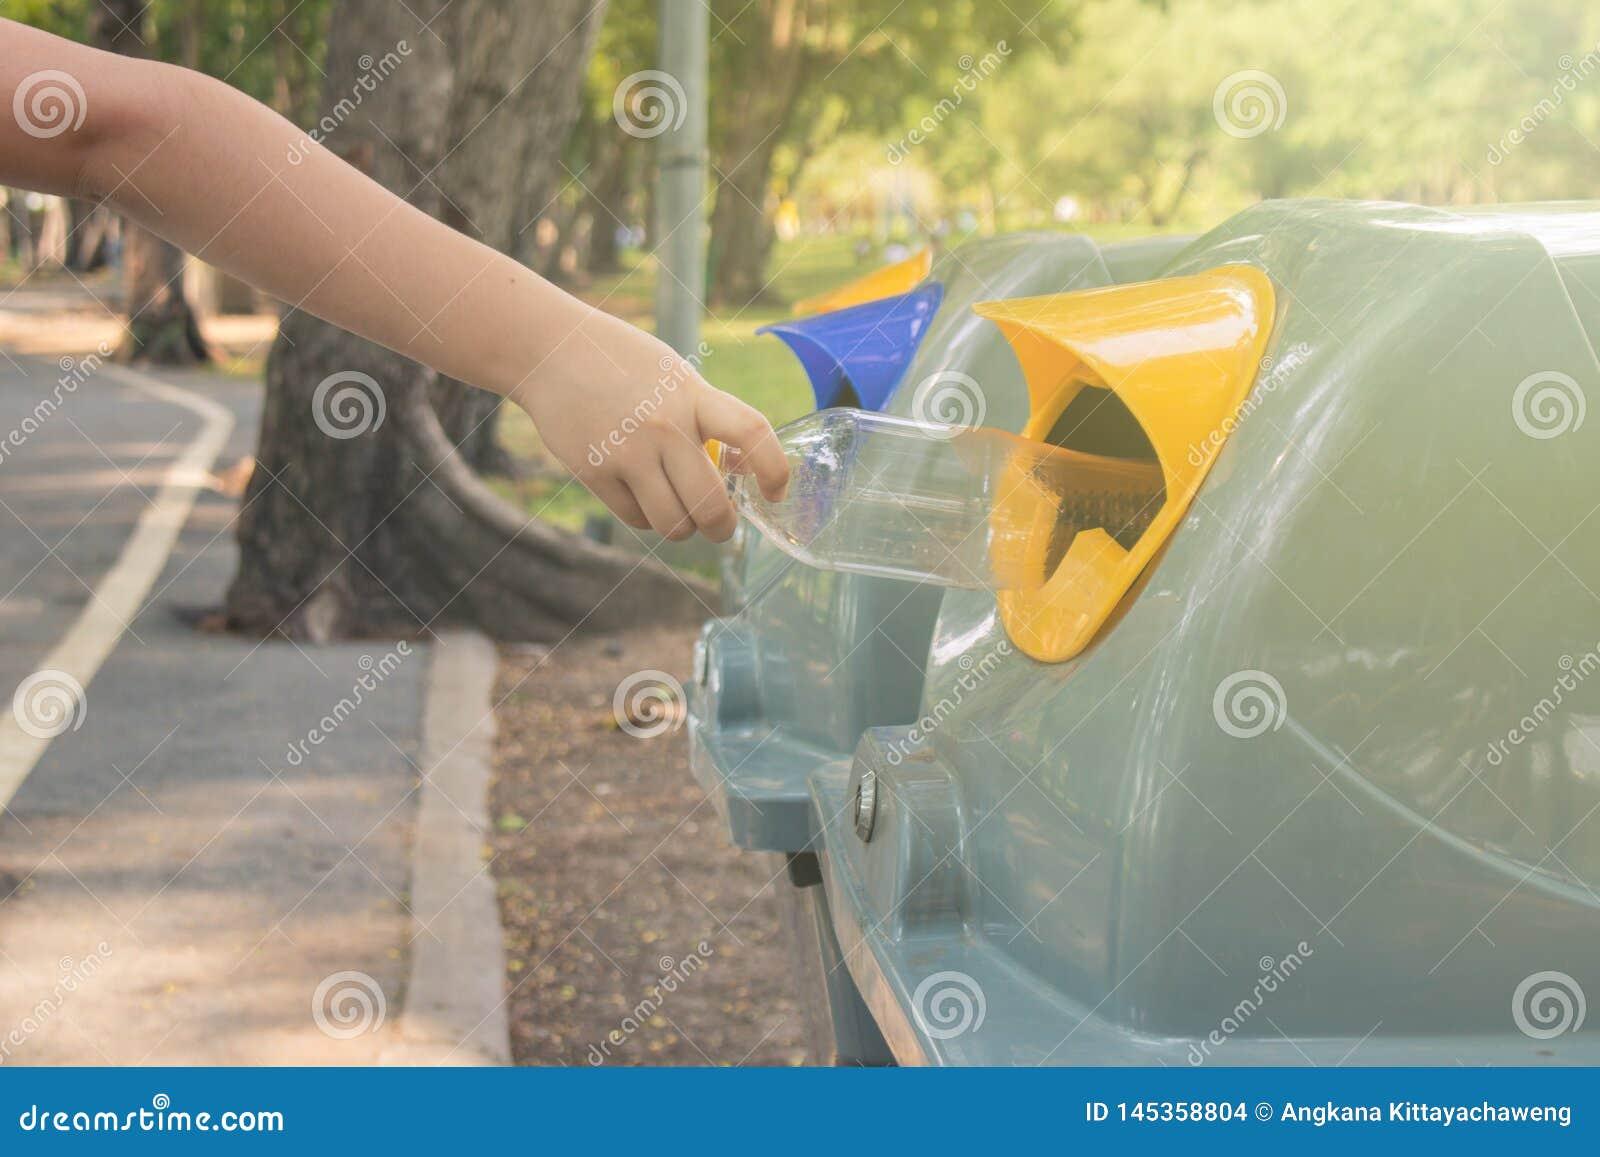 Cierre encima de la mano del peque?o ni?o que pone la botella pl?stica usada en papeleras de reciclaje p?blicas o cubos de la bas